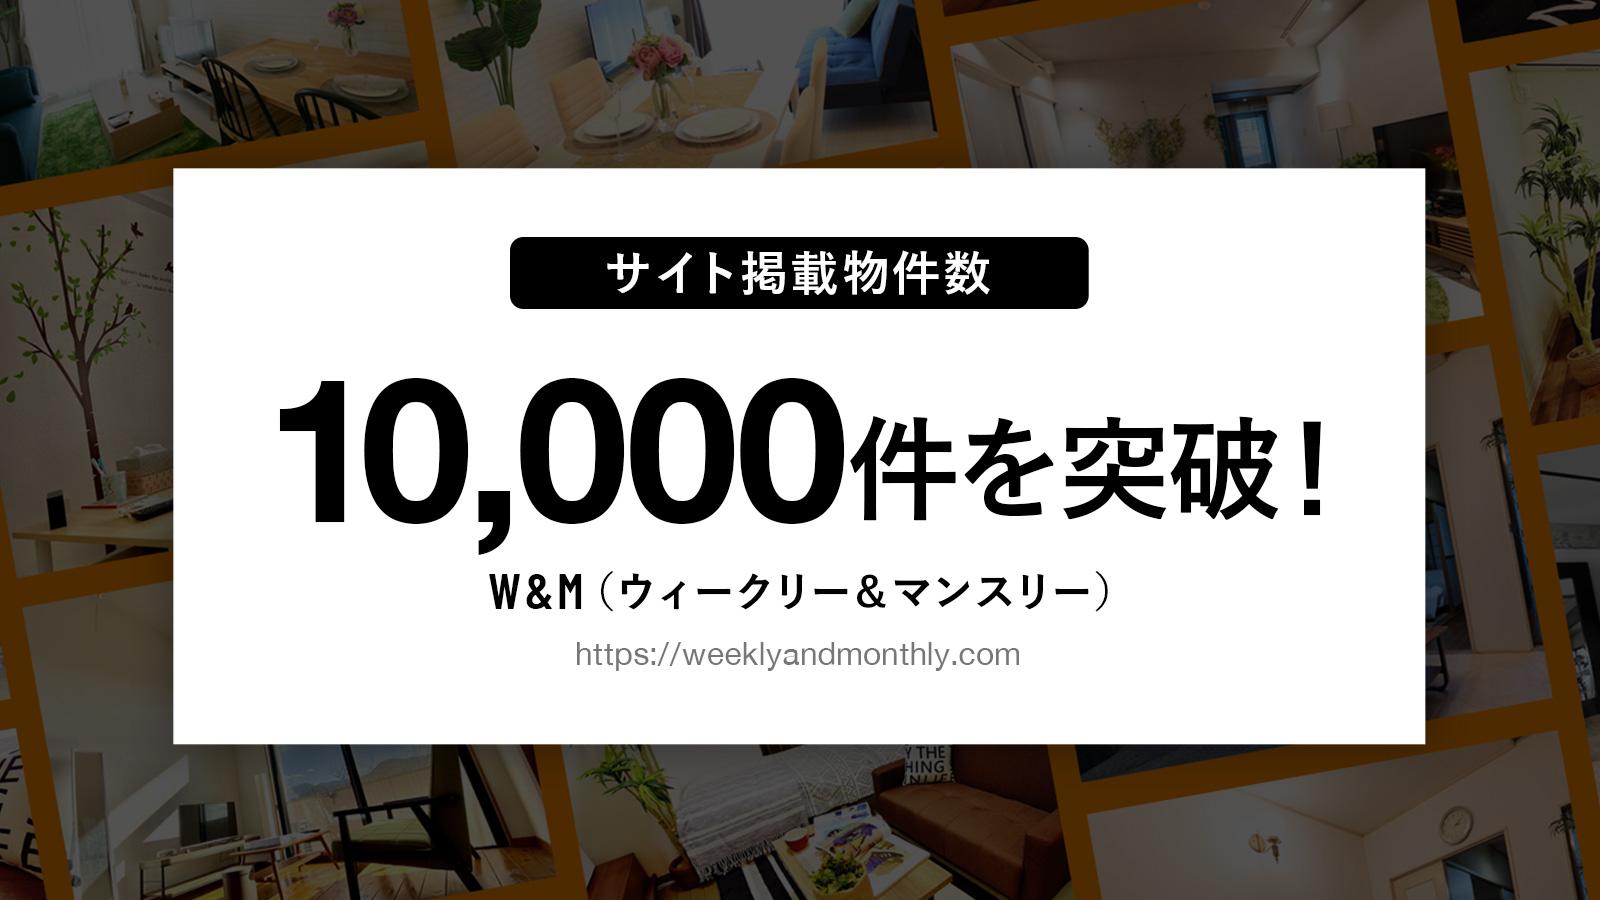 【PR】W&M(ウィークリーー&マンスリー)掲載物件数10,000件を突破!